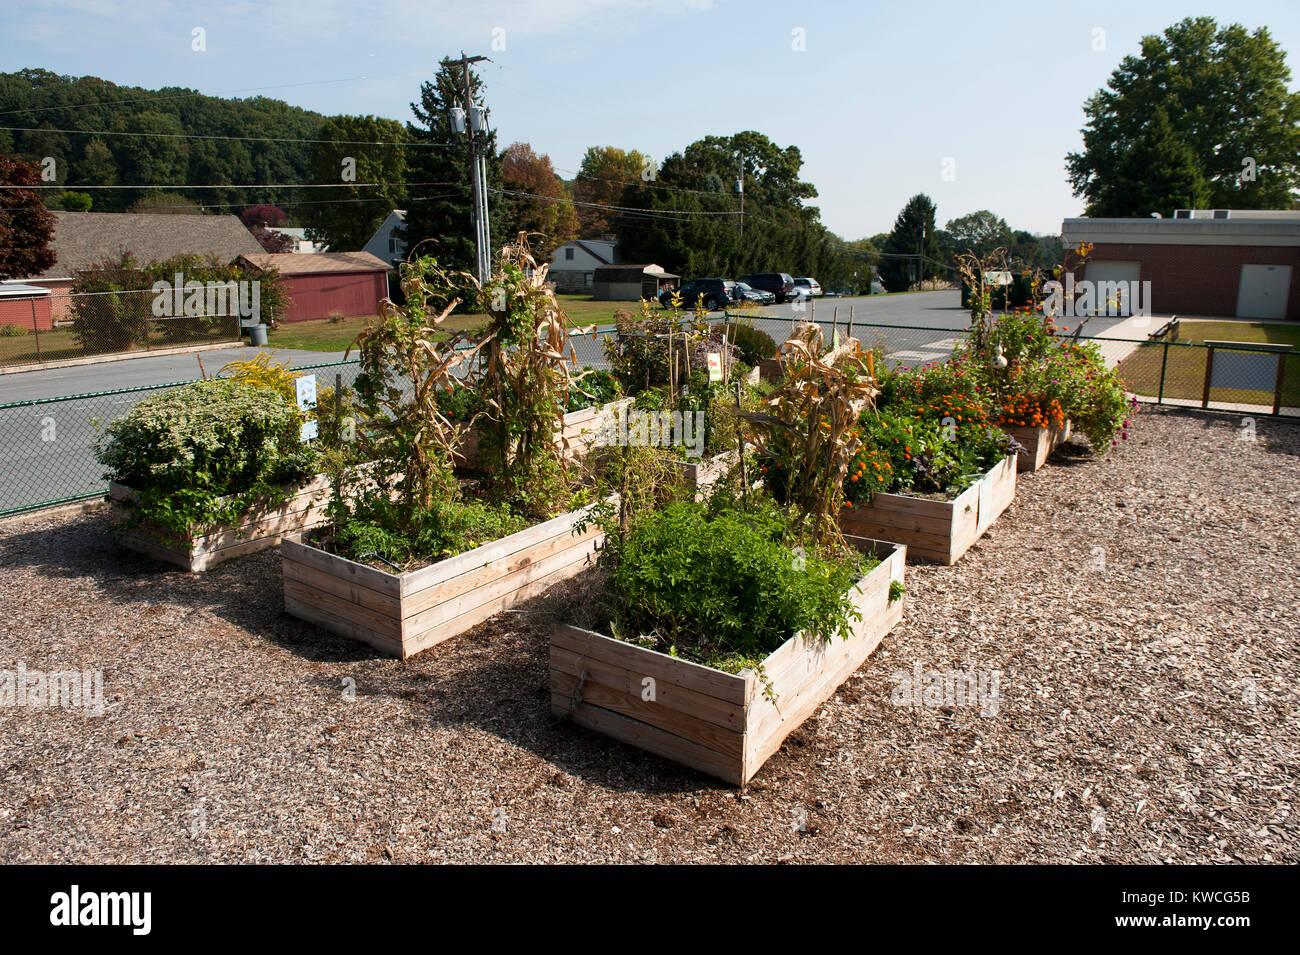 Garden Classroom Stock Photos & Garden Classroom Stock Images - Alamy